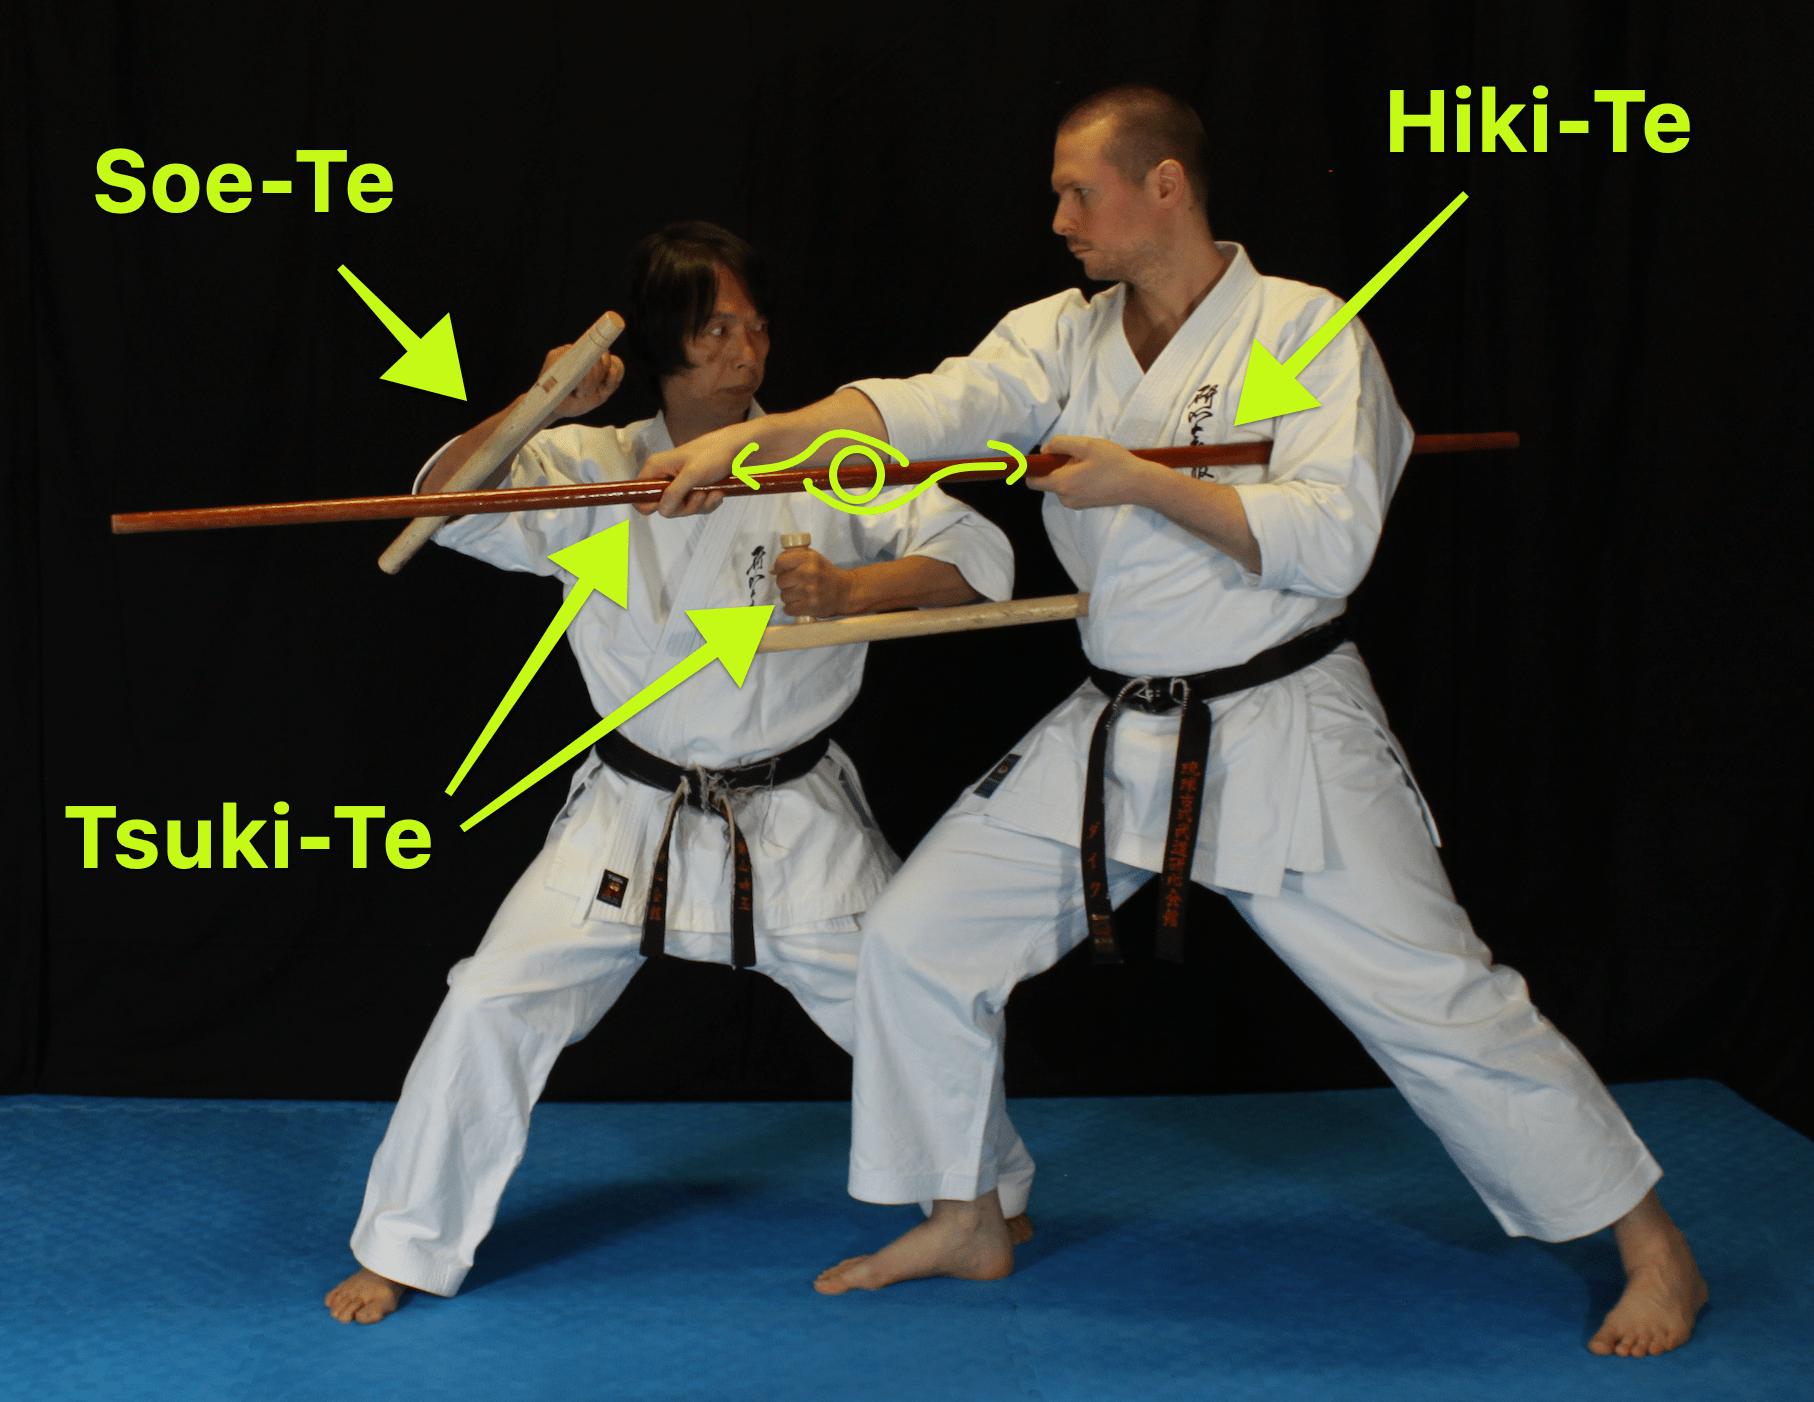 Hikite, Soete and Tsukite